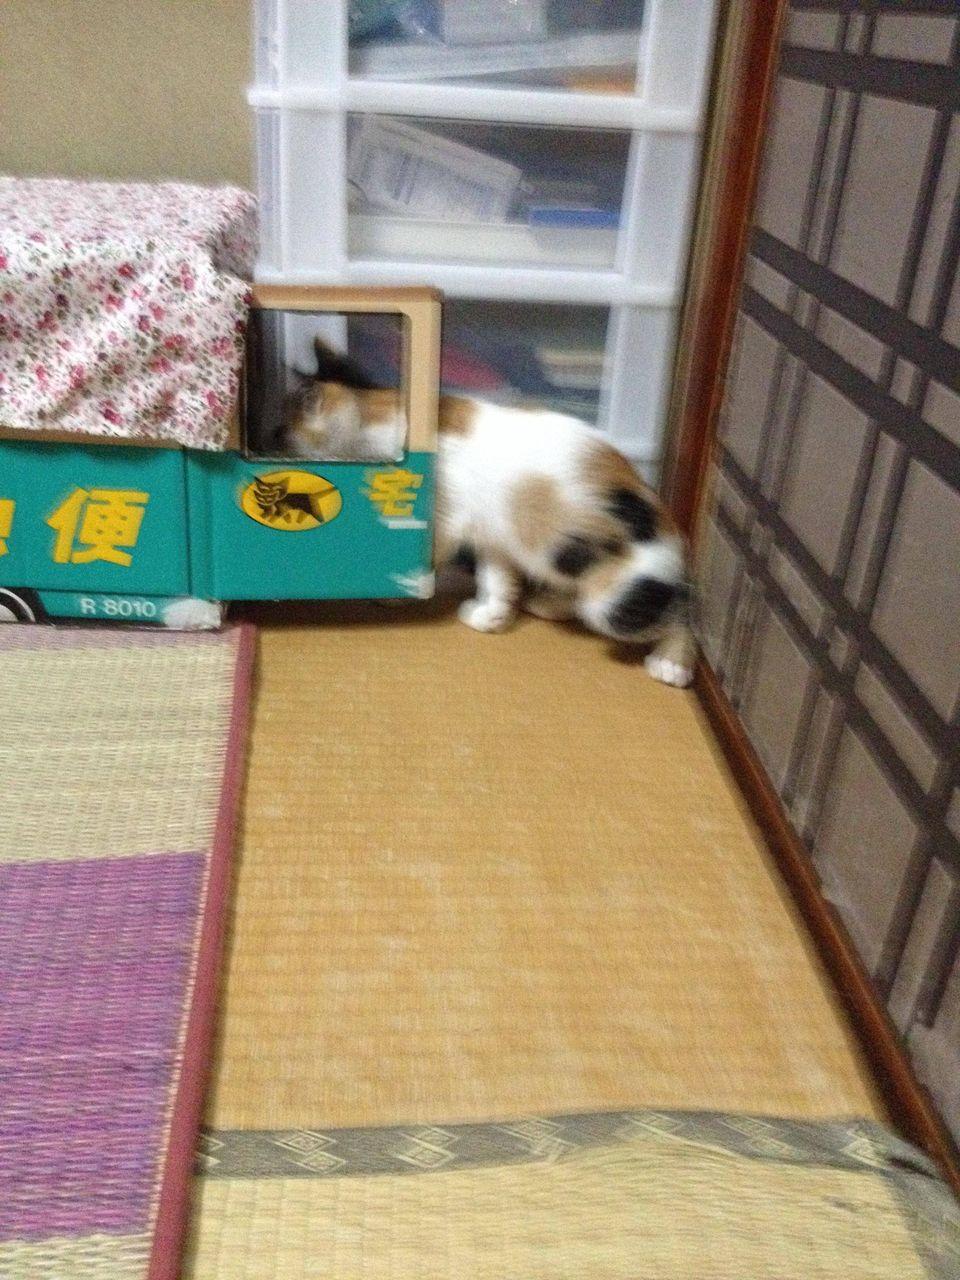 http://livedoor.blogimg.jp/akan2ch/imgs/0/2/02663eea.jpg